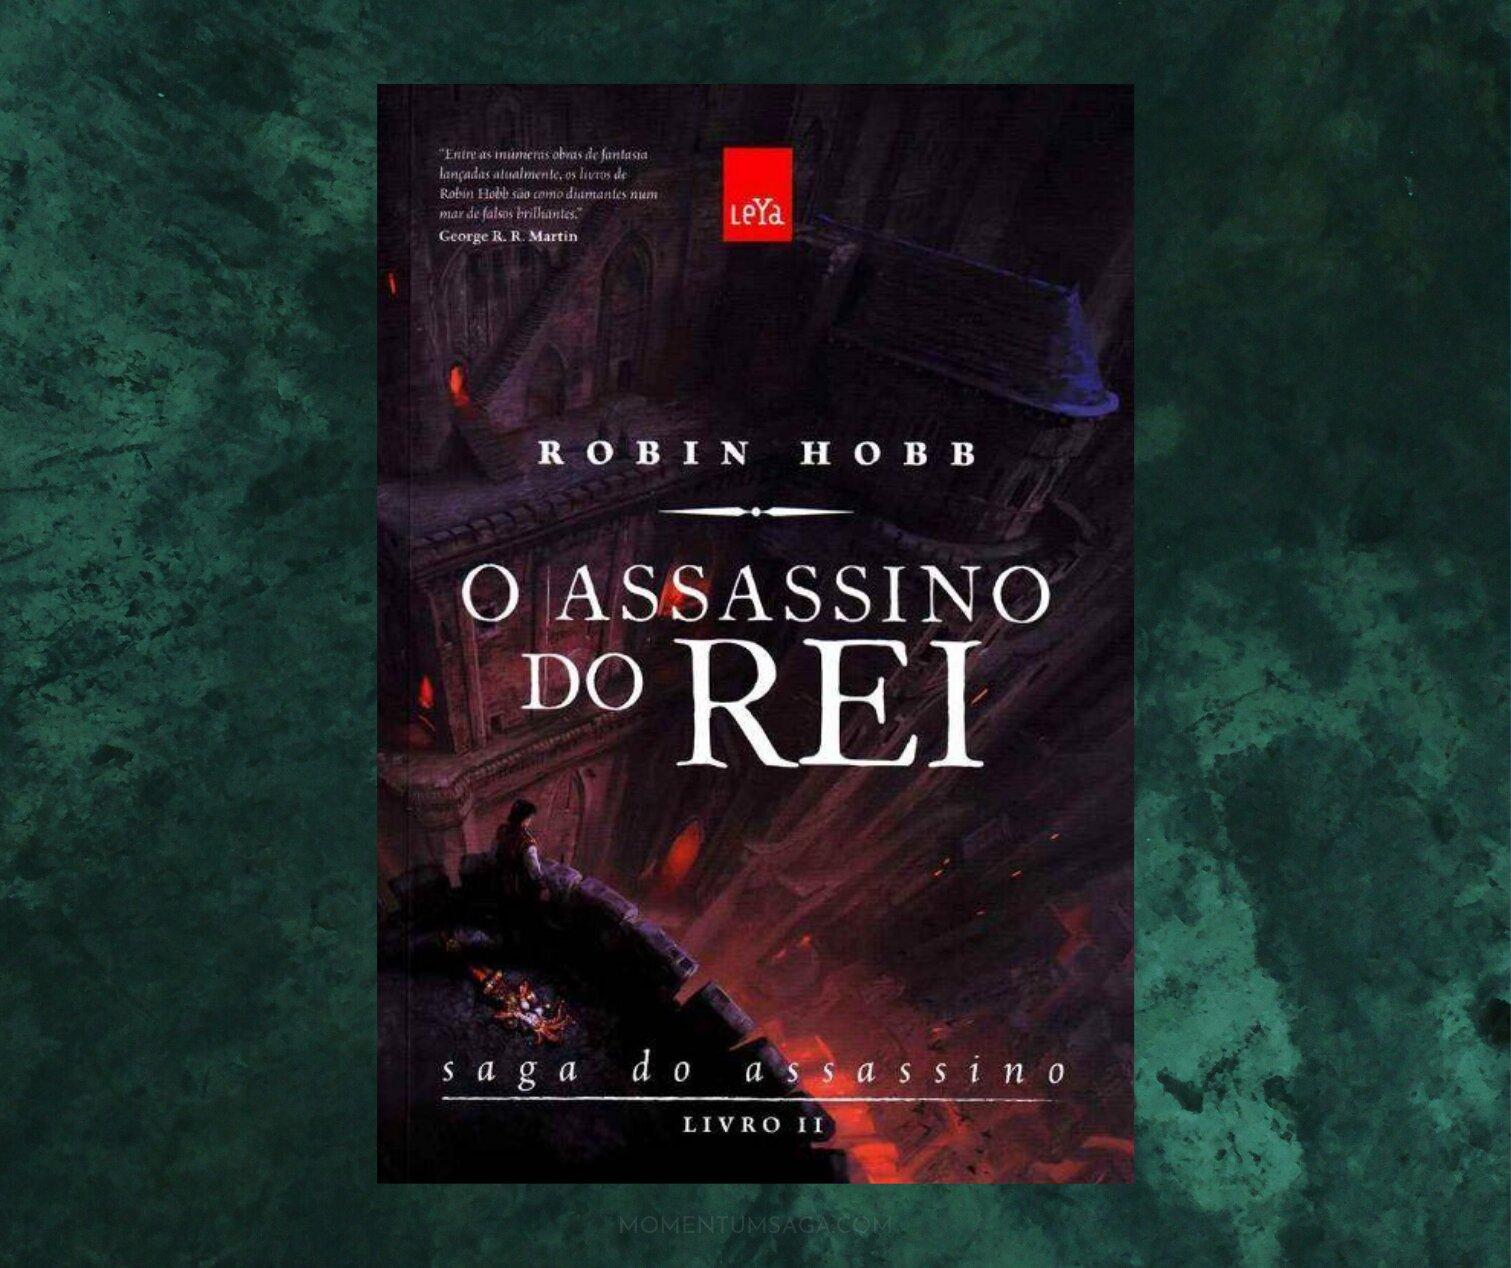 Resenha: O assassino do rei, de Robin Hobb